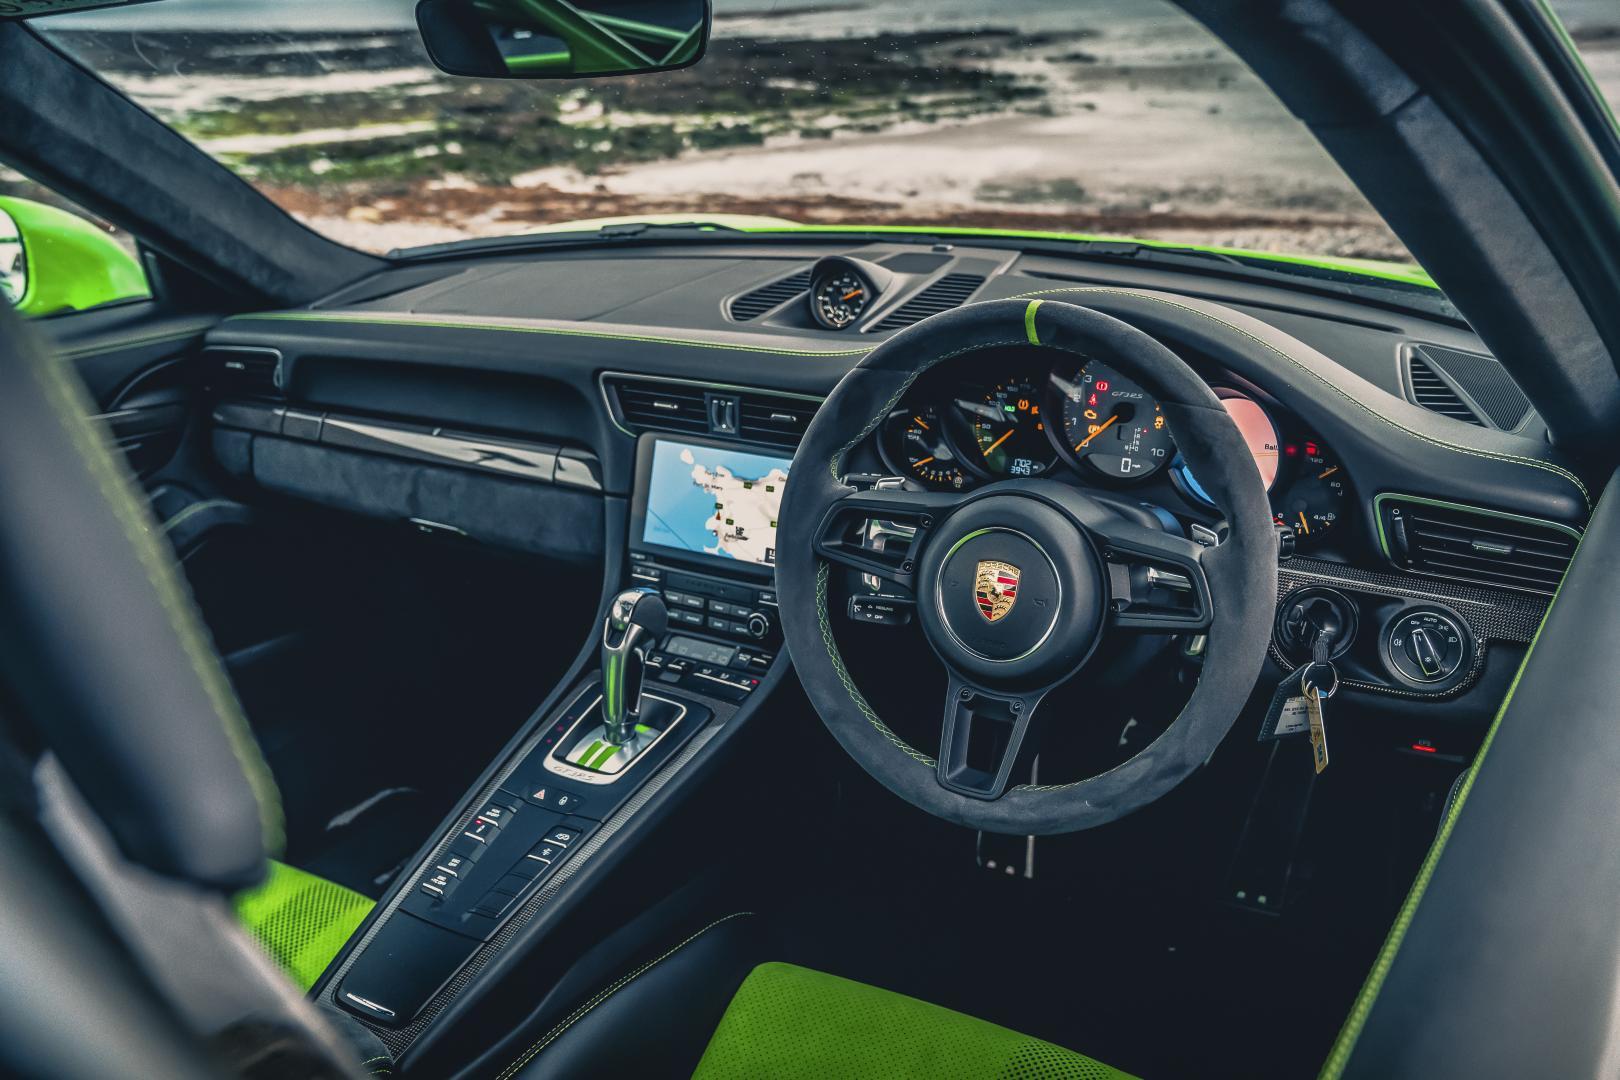 Porsche 911 GT3 RS interieur 991.2